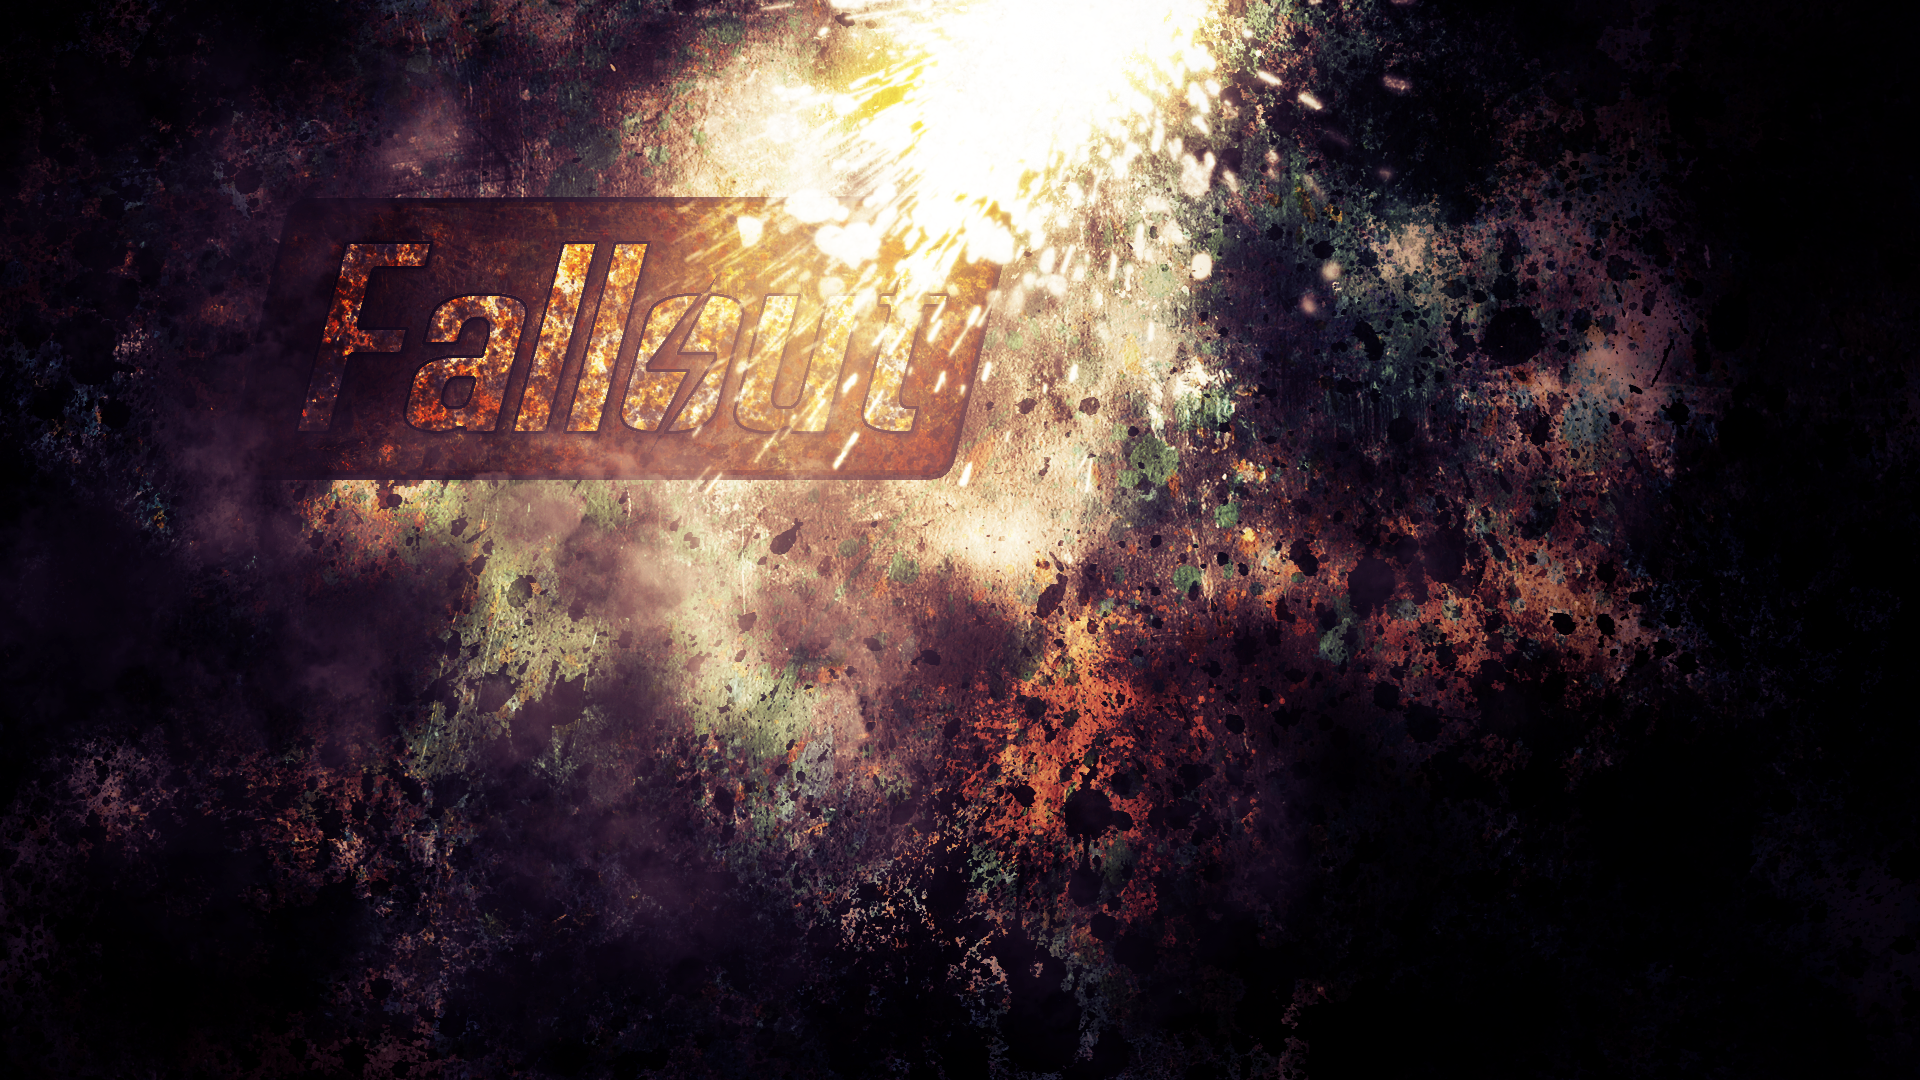 Fallout 4 Wallpaper Fallout Wallpaper by 1920x1080